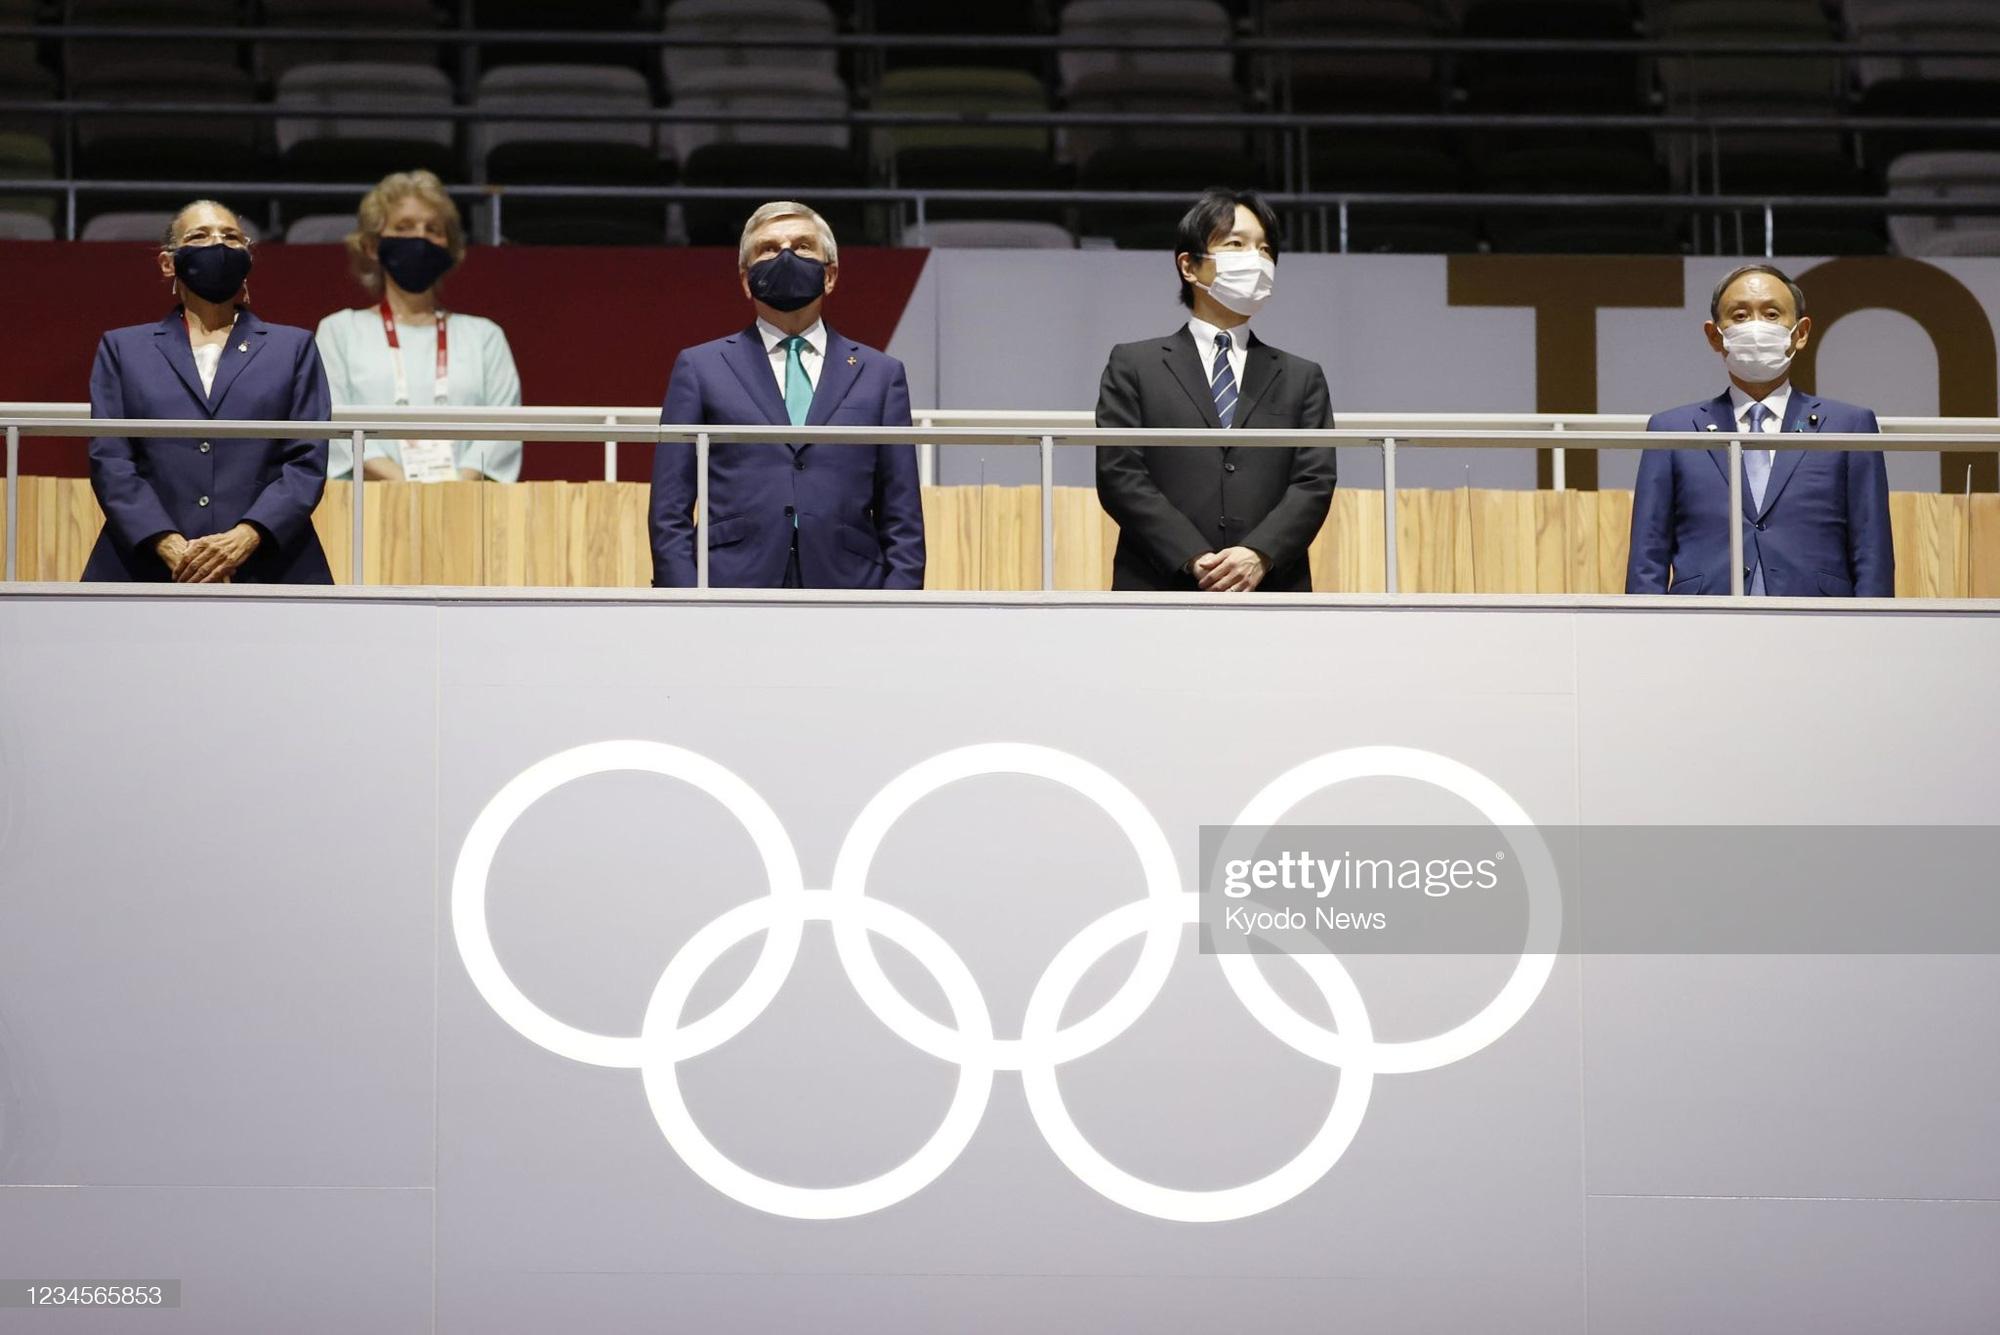 Lễ bế mạc Olympic Tokyo 2020 - lời cảm ơn đến kỳ Thế vận hội đặc biệt nhất lịch sử - Ảnh 1.